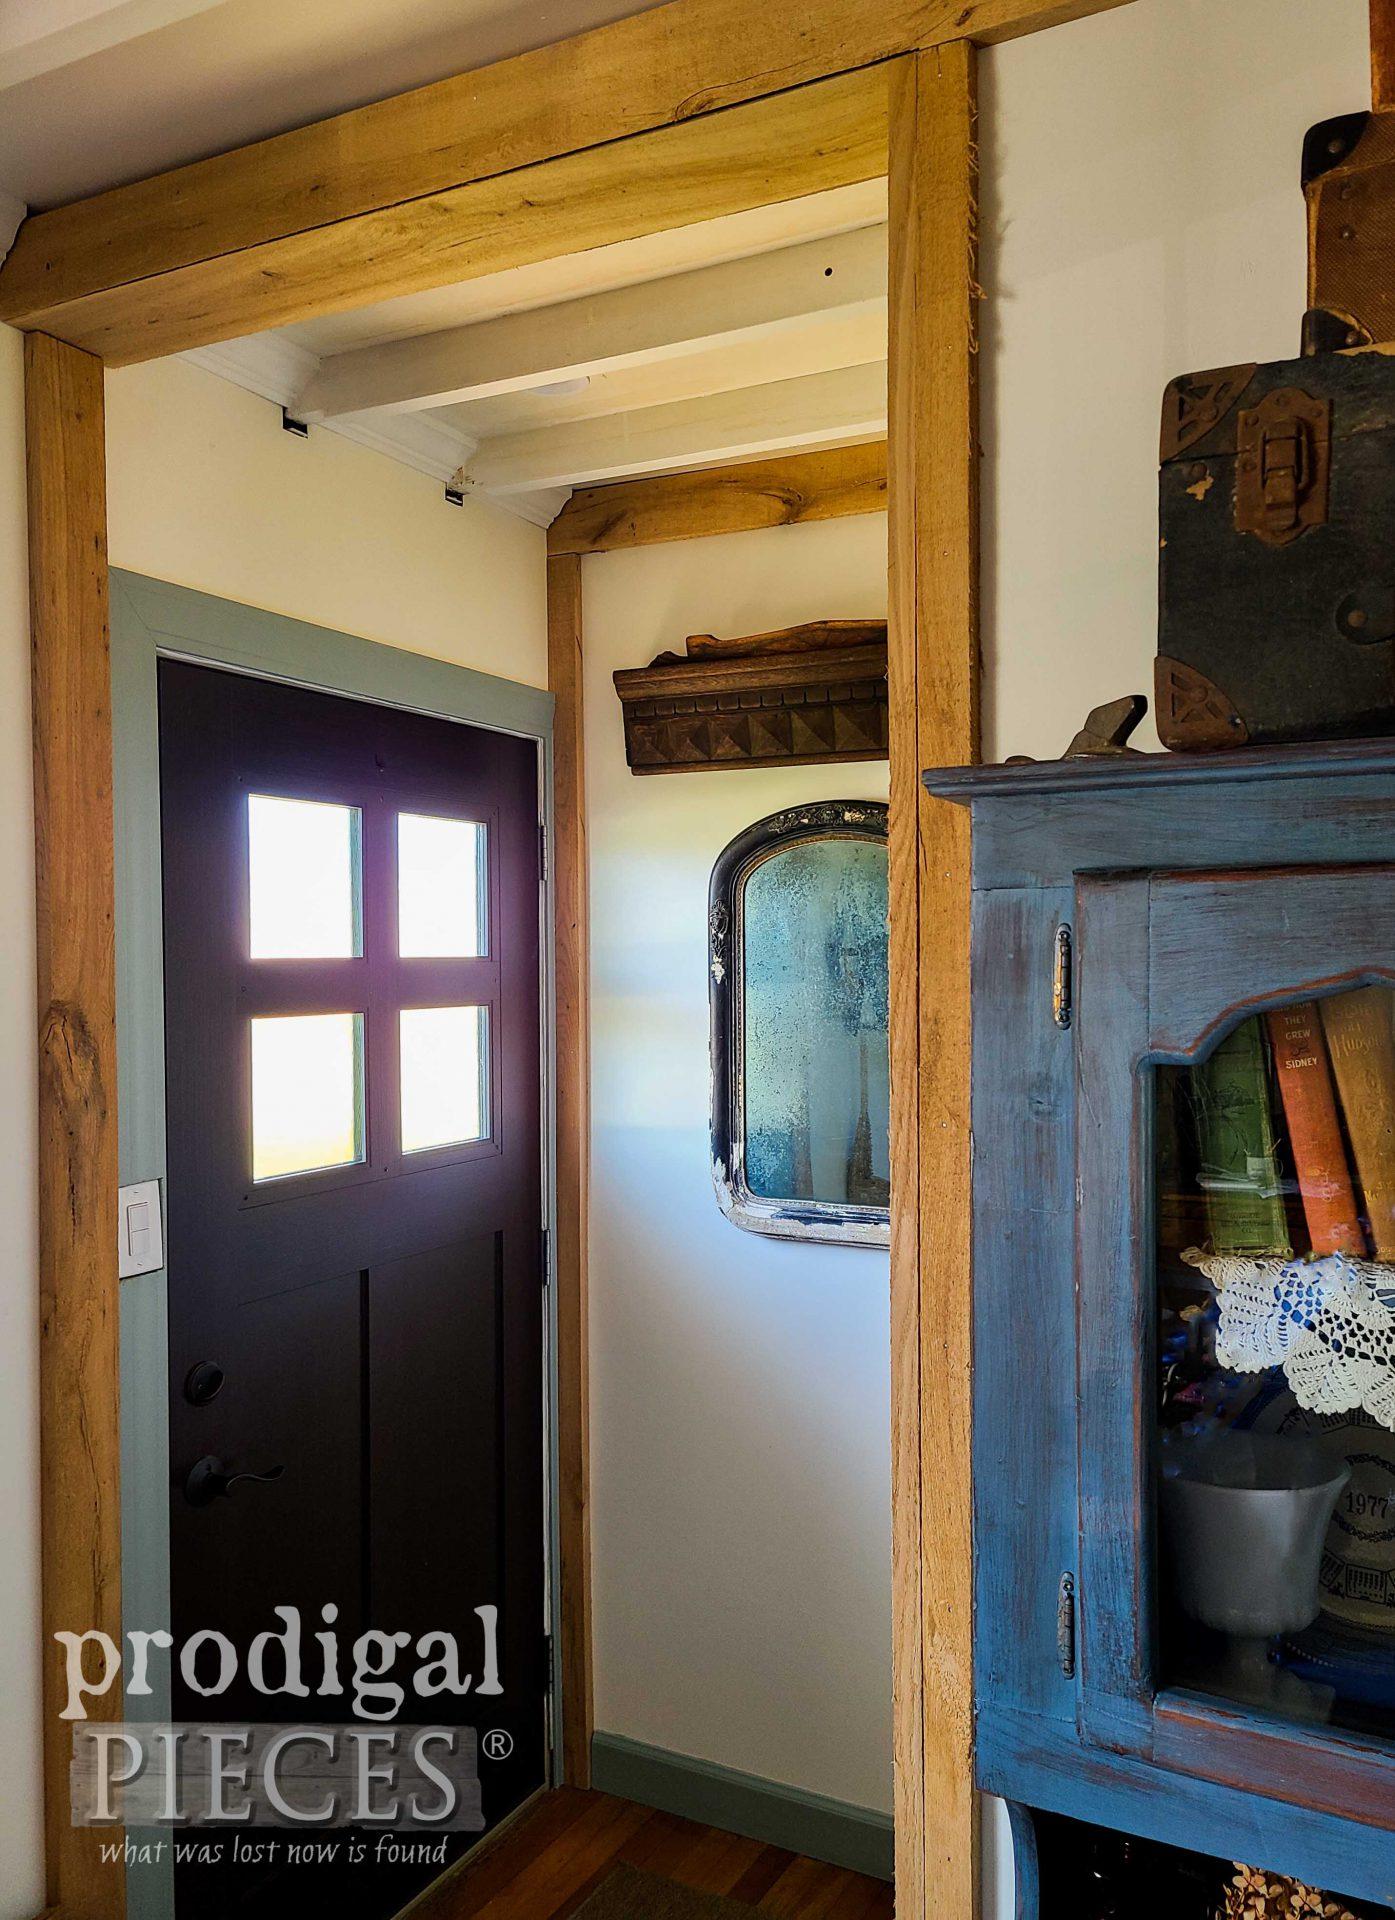 Prodigal Pieces Farmhouse Entry Salvaged Decor by Larissa | prodigalpieces.com #prodigalpieces #farmhouse #home #homedecor #diy #antique